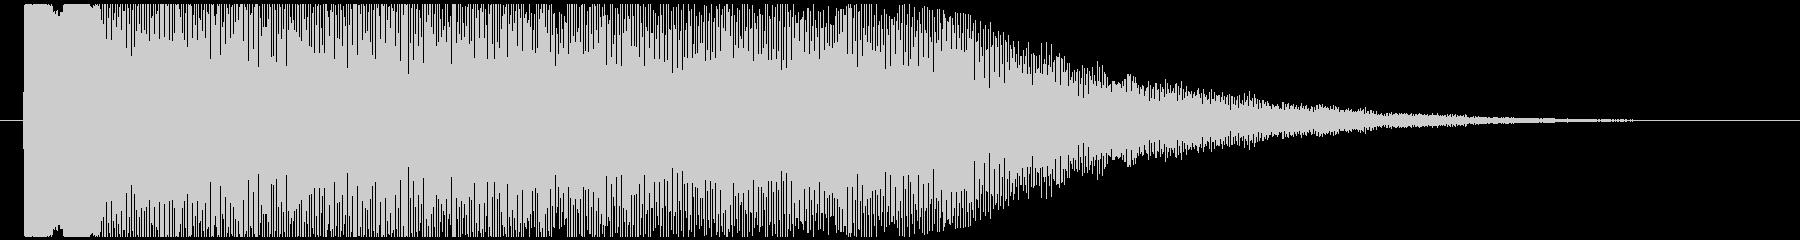 神秘的で透明感のあるアクセント音7の未再生の波形